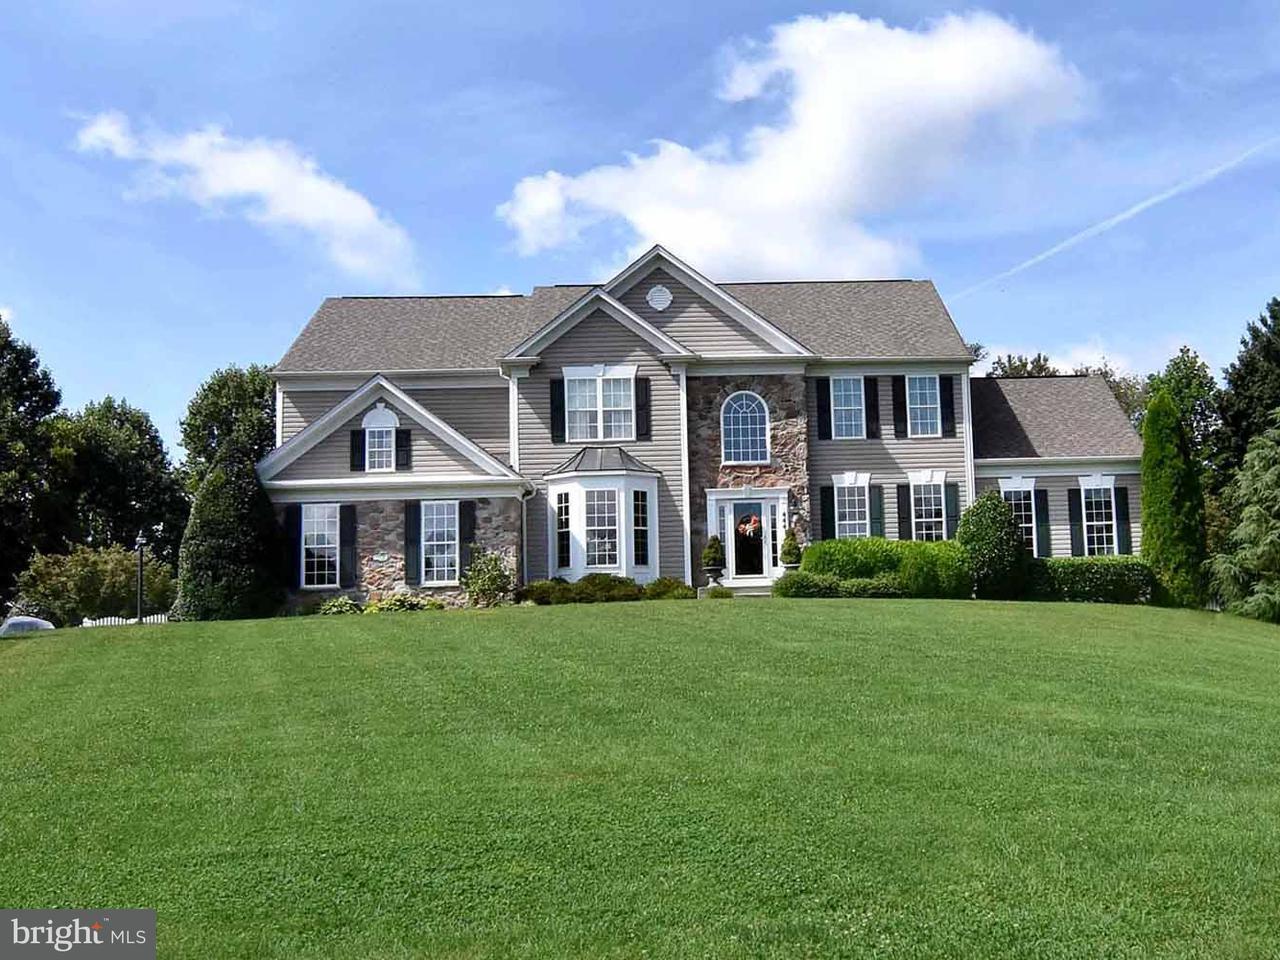 Частный односемейный дом для того Продажа на 4441 Claybrooke Drive 4441 Claybrooke Drive Lothian, Мэриленд 20711 Соединенные Штаты